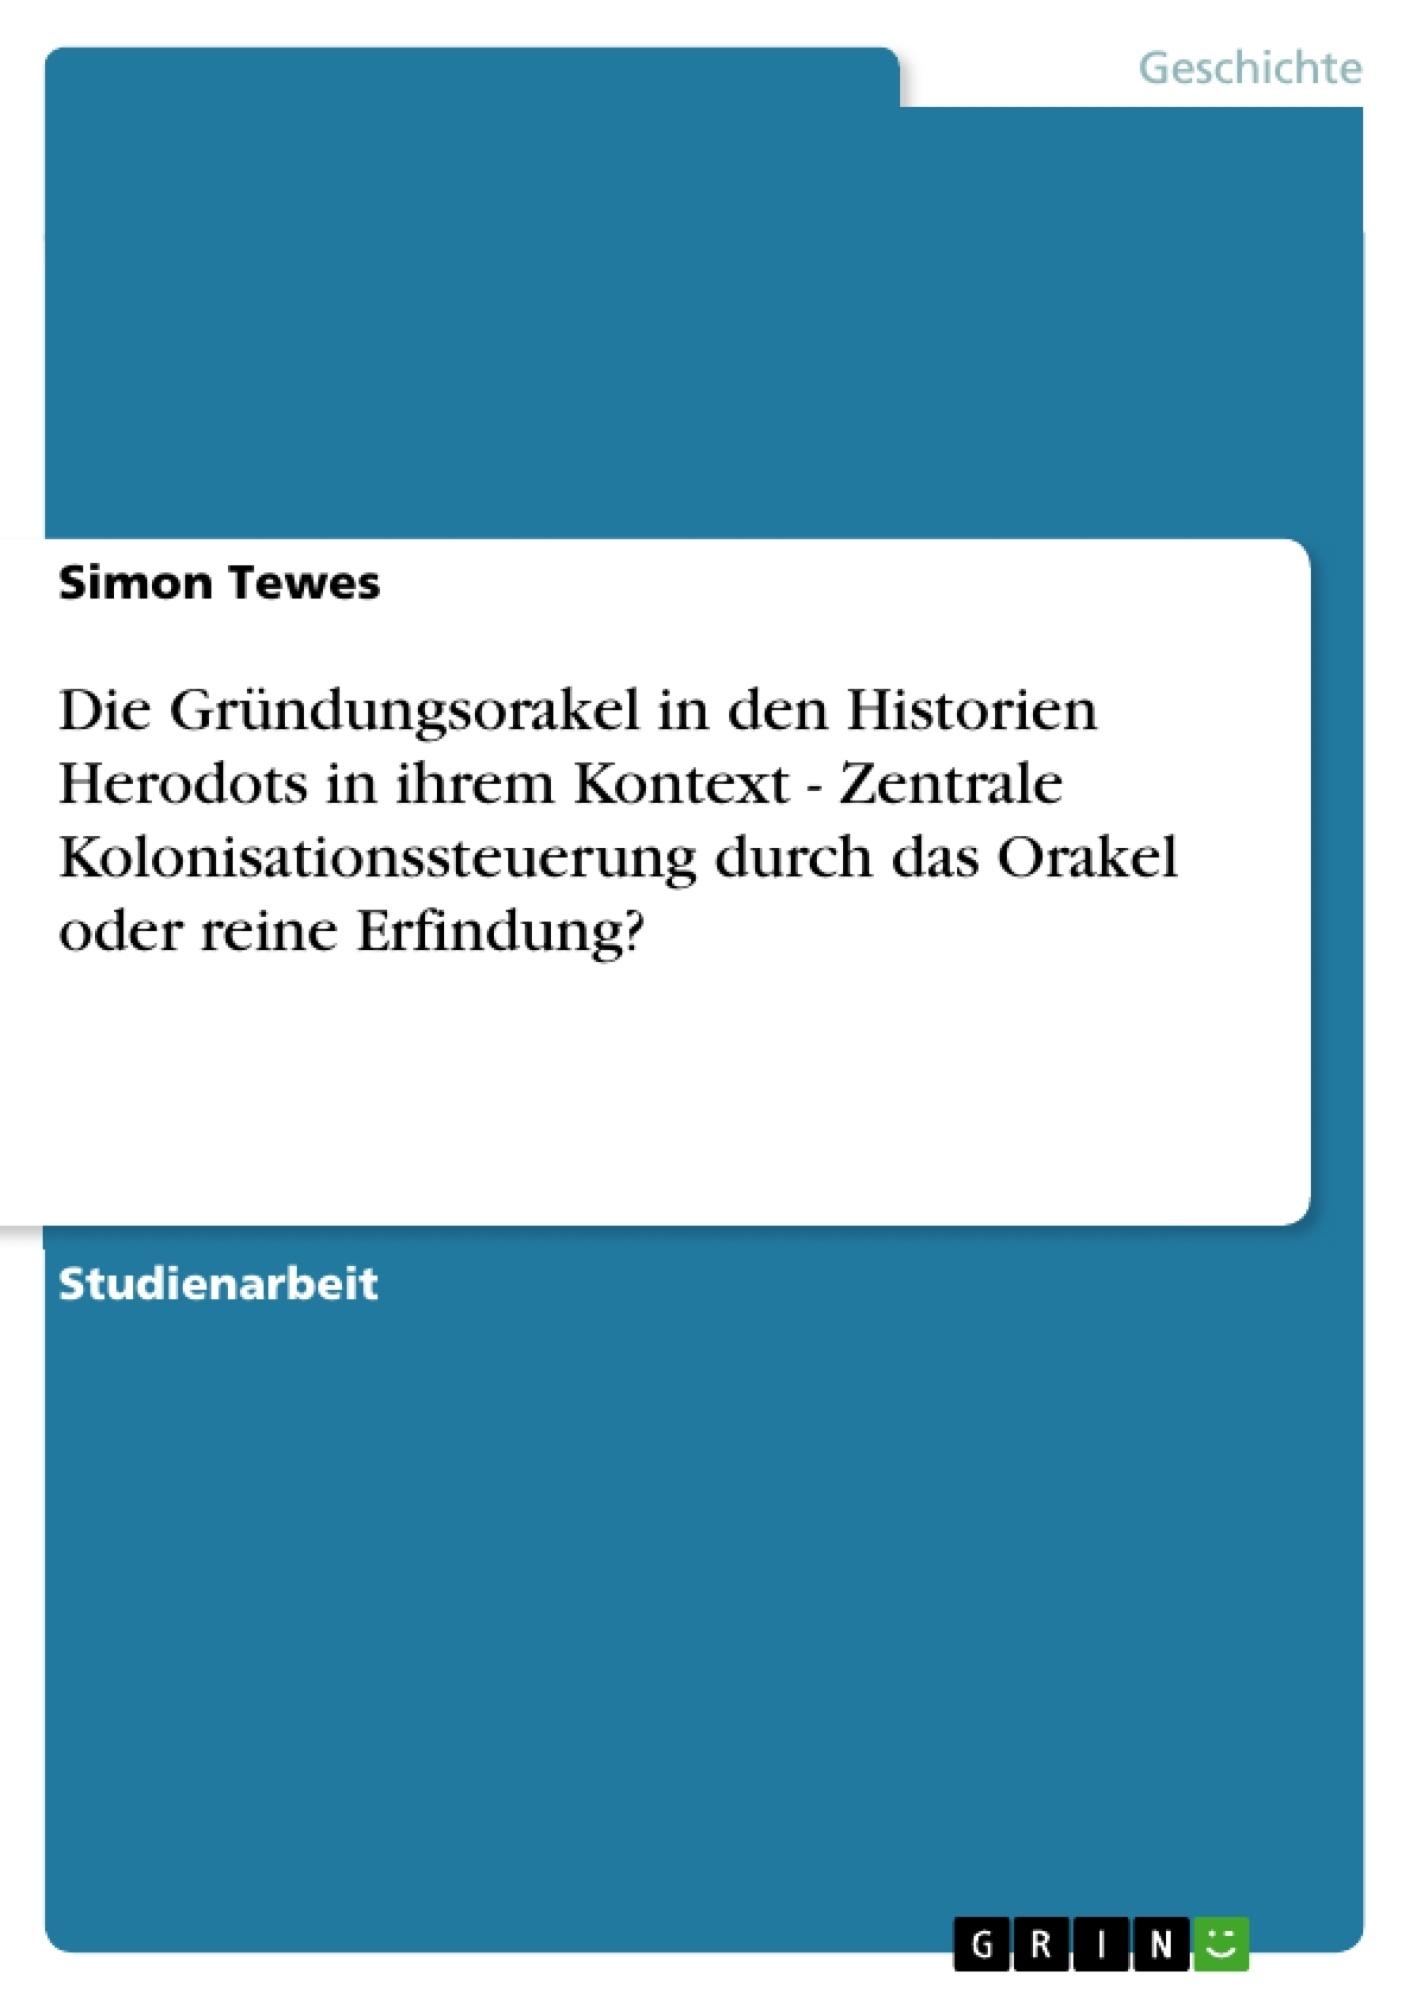 Titel: Die Gründungsorakel in den Historien Herodots in ihrem Kontext  - Zentrale Kolonisationssteuerung durch das Orakel oder reine Erfindung?